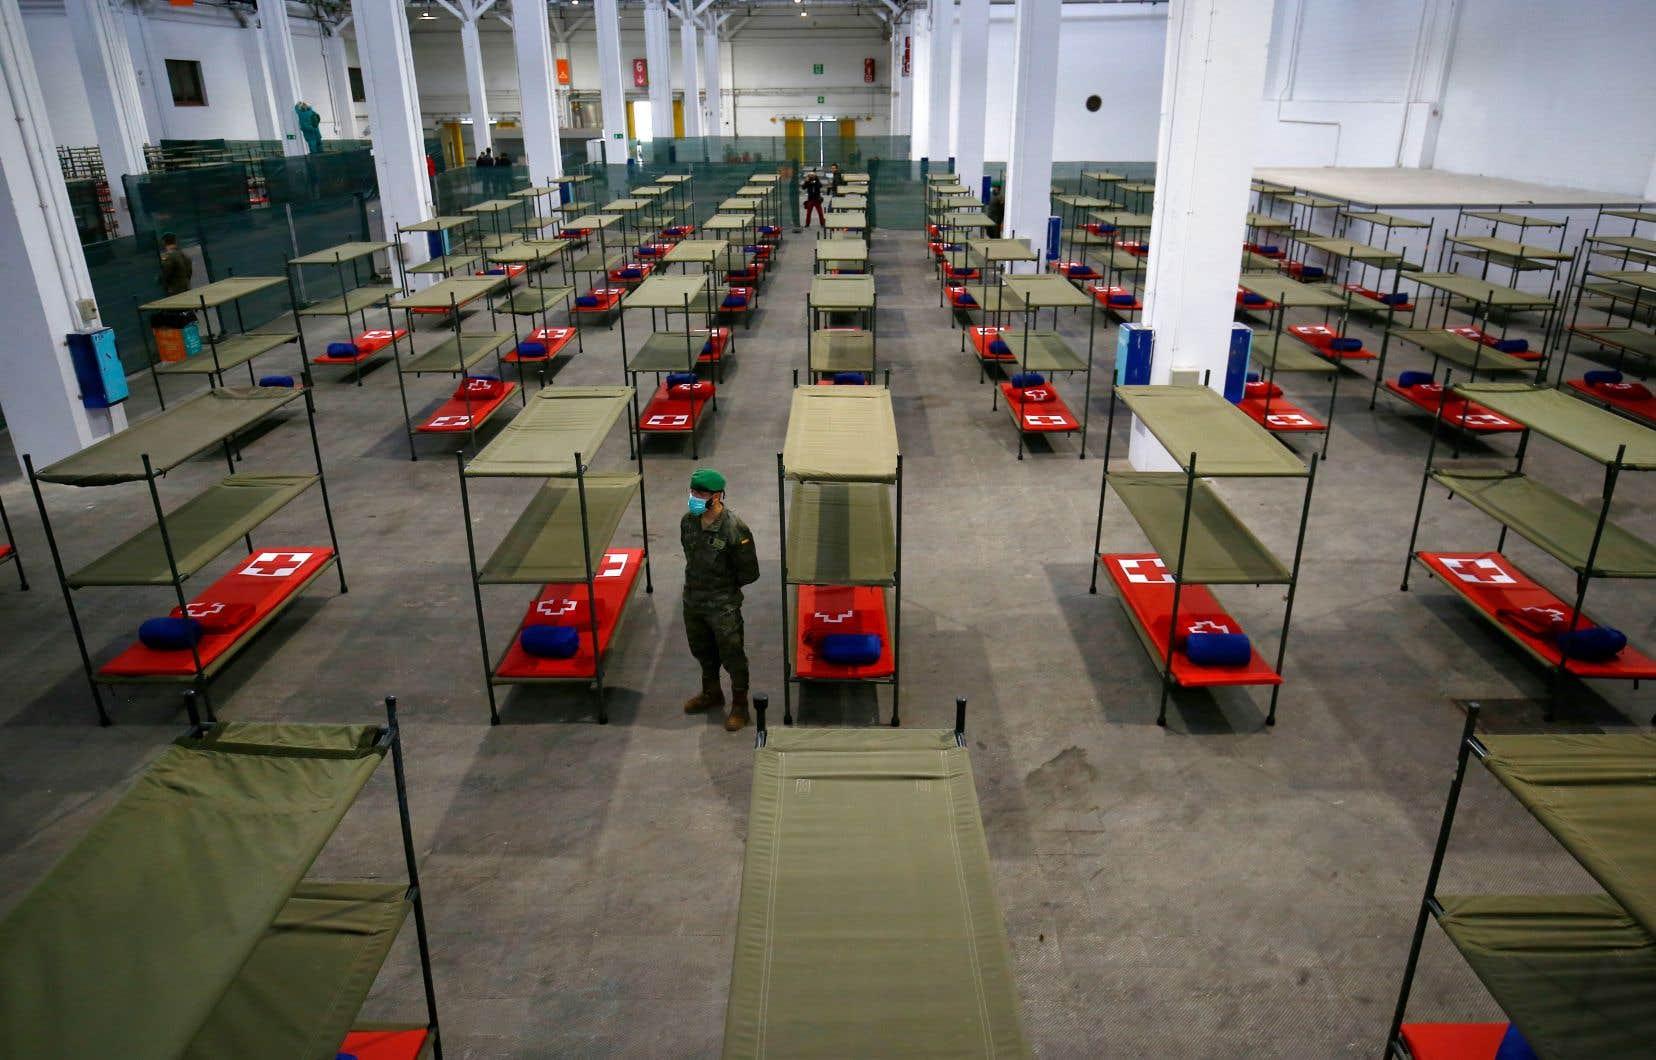 Un soldat montait la garde dans un hôpital d'urgence à Barcelone, en Espagne. Le pays est maintenant le plus touché après l'Italie.